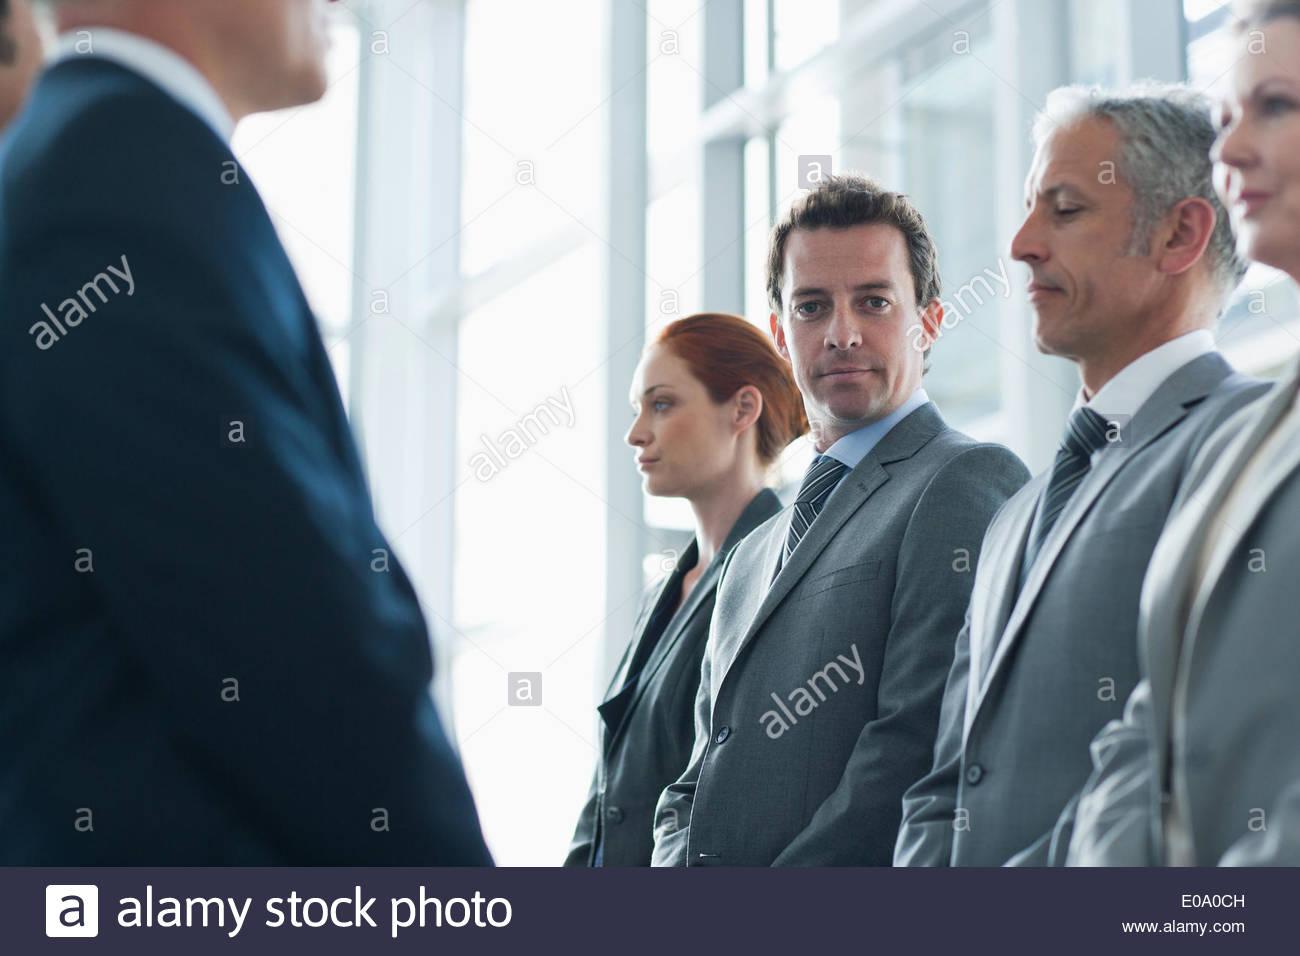 El grupo de gente de negocios Imagen De Stock